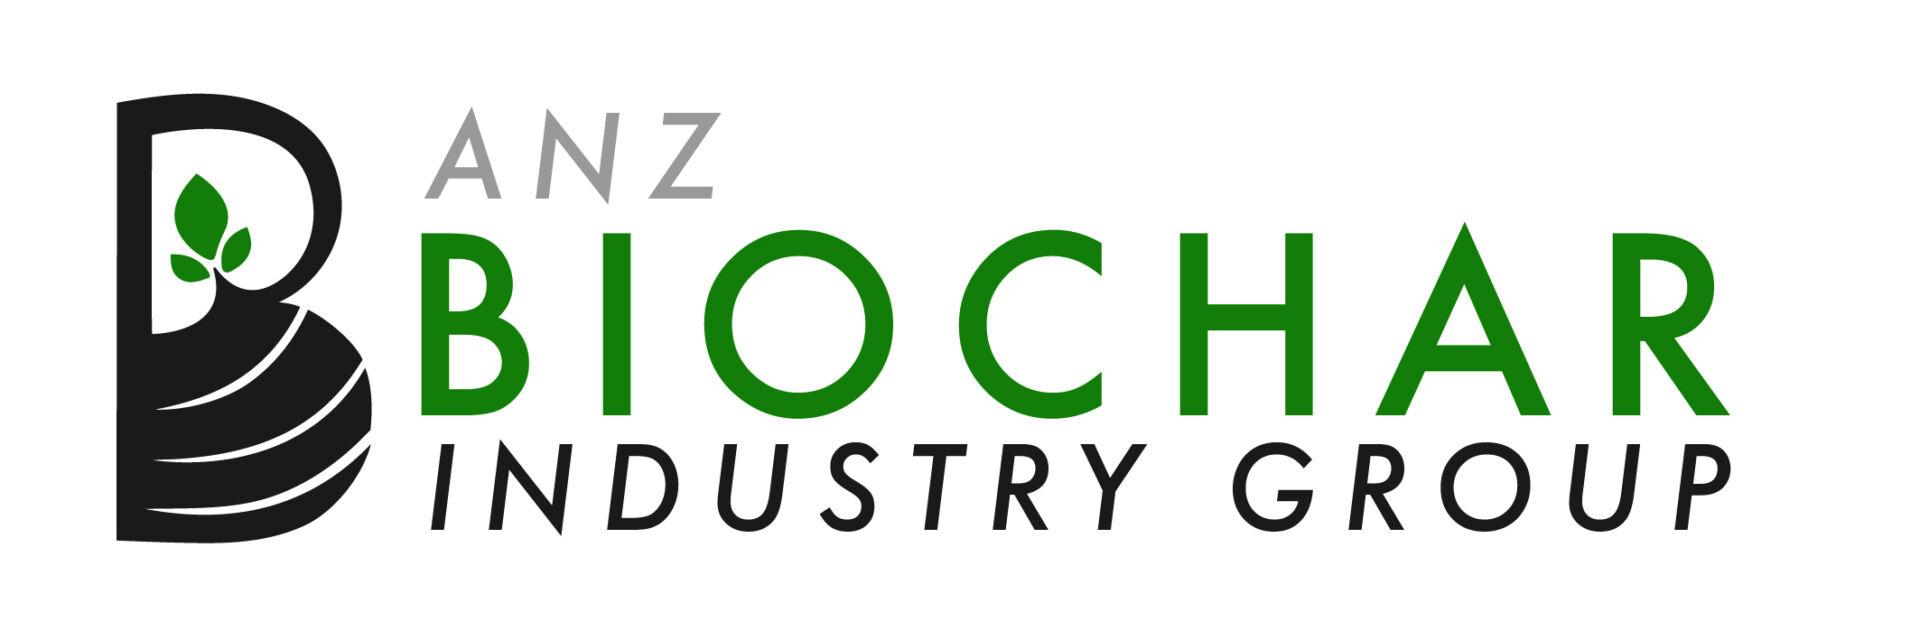 Australian NZ Biochar Inudstry Group Logo